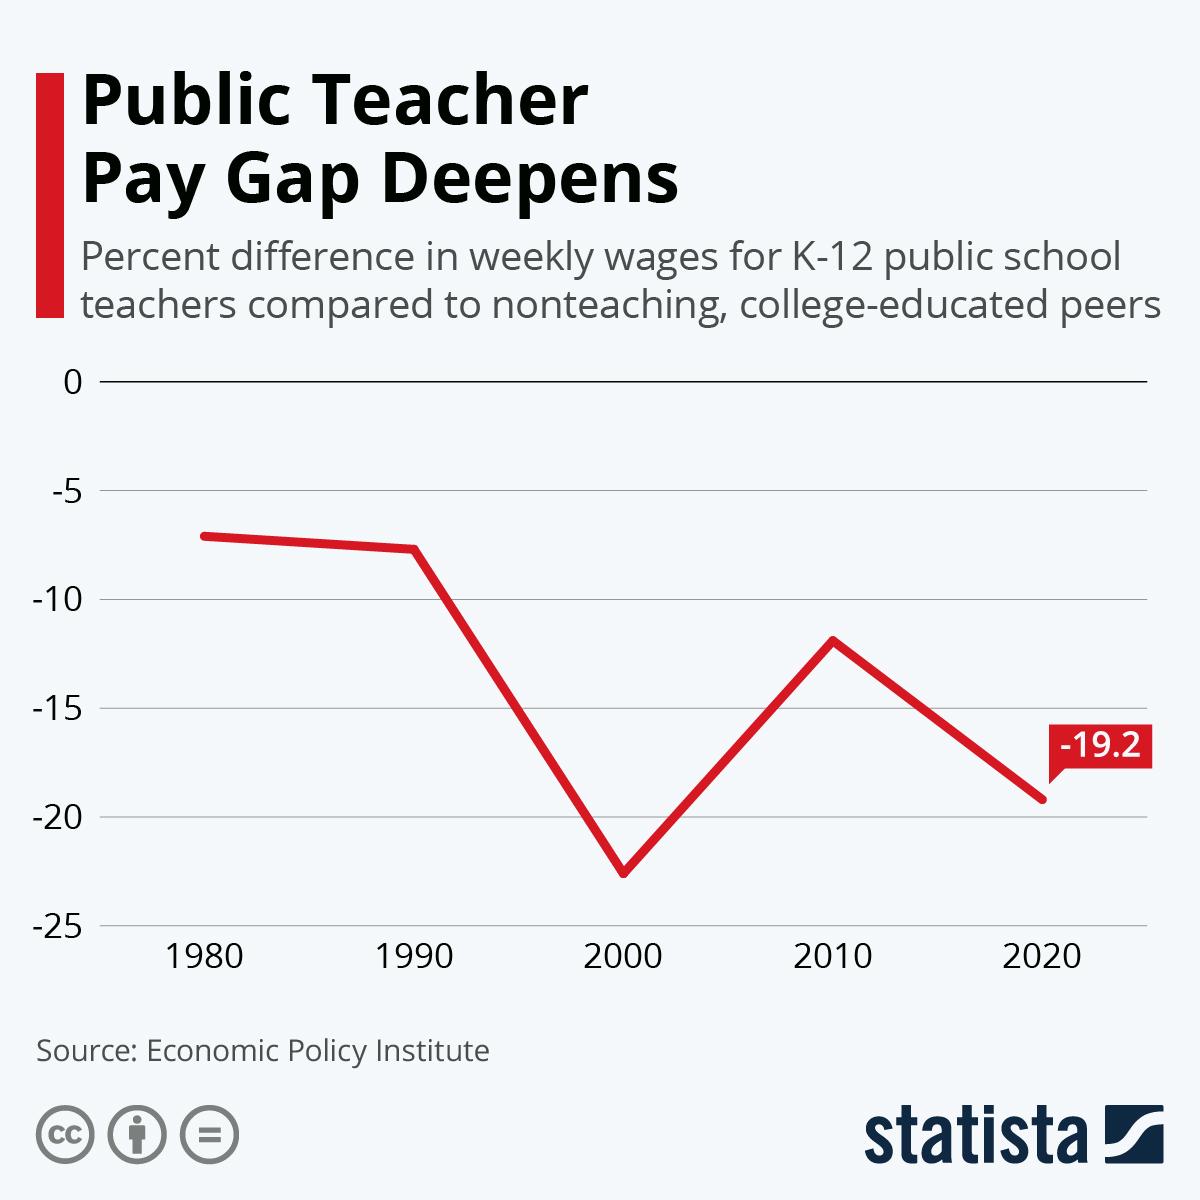 Public Teacher Pay Gap Deepens https://t.co/APk2AGLjss #tech #digital #data #business https://t.co/9wYk7fDdSm